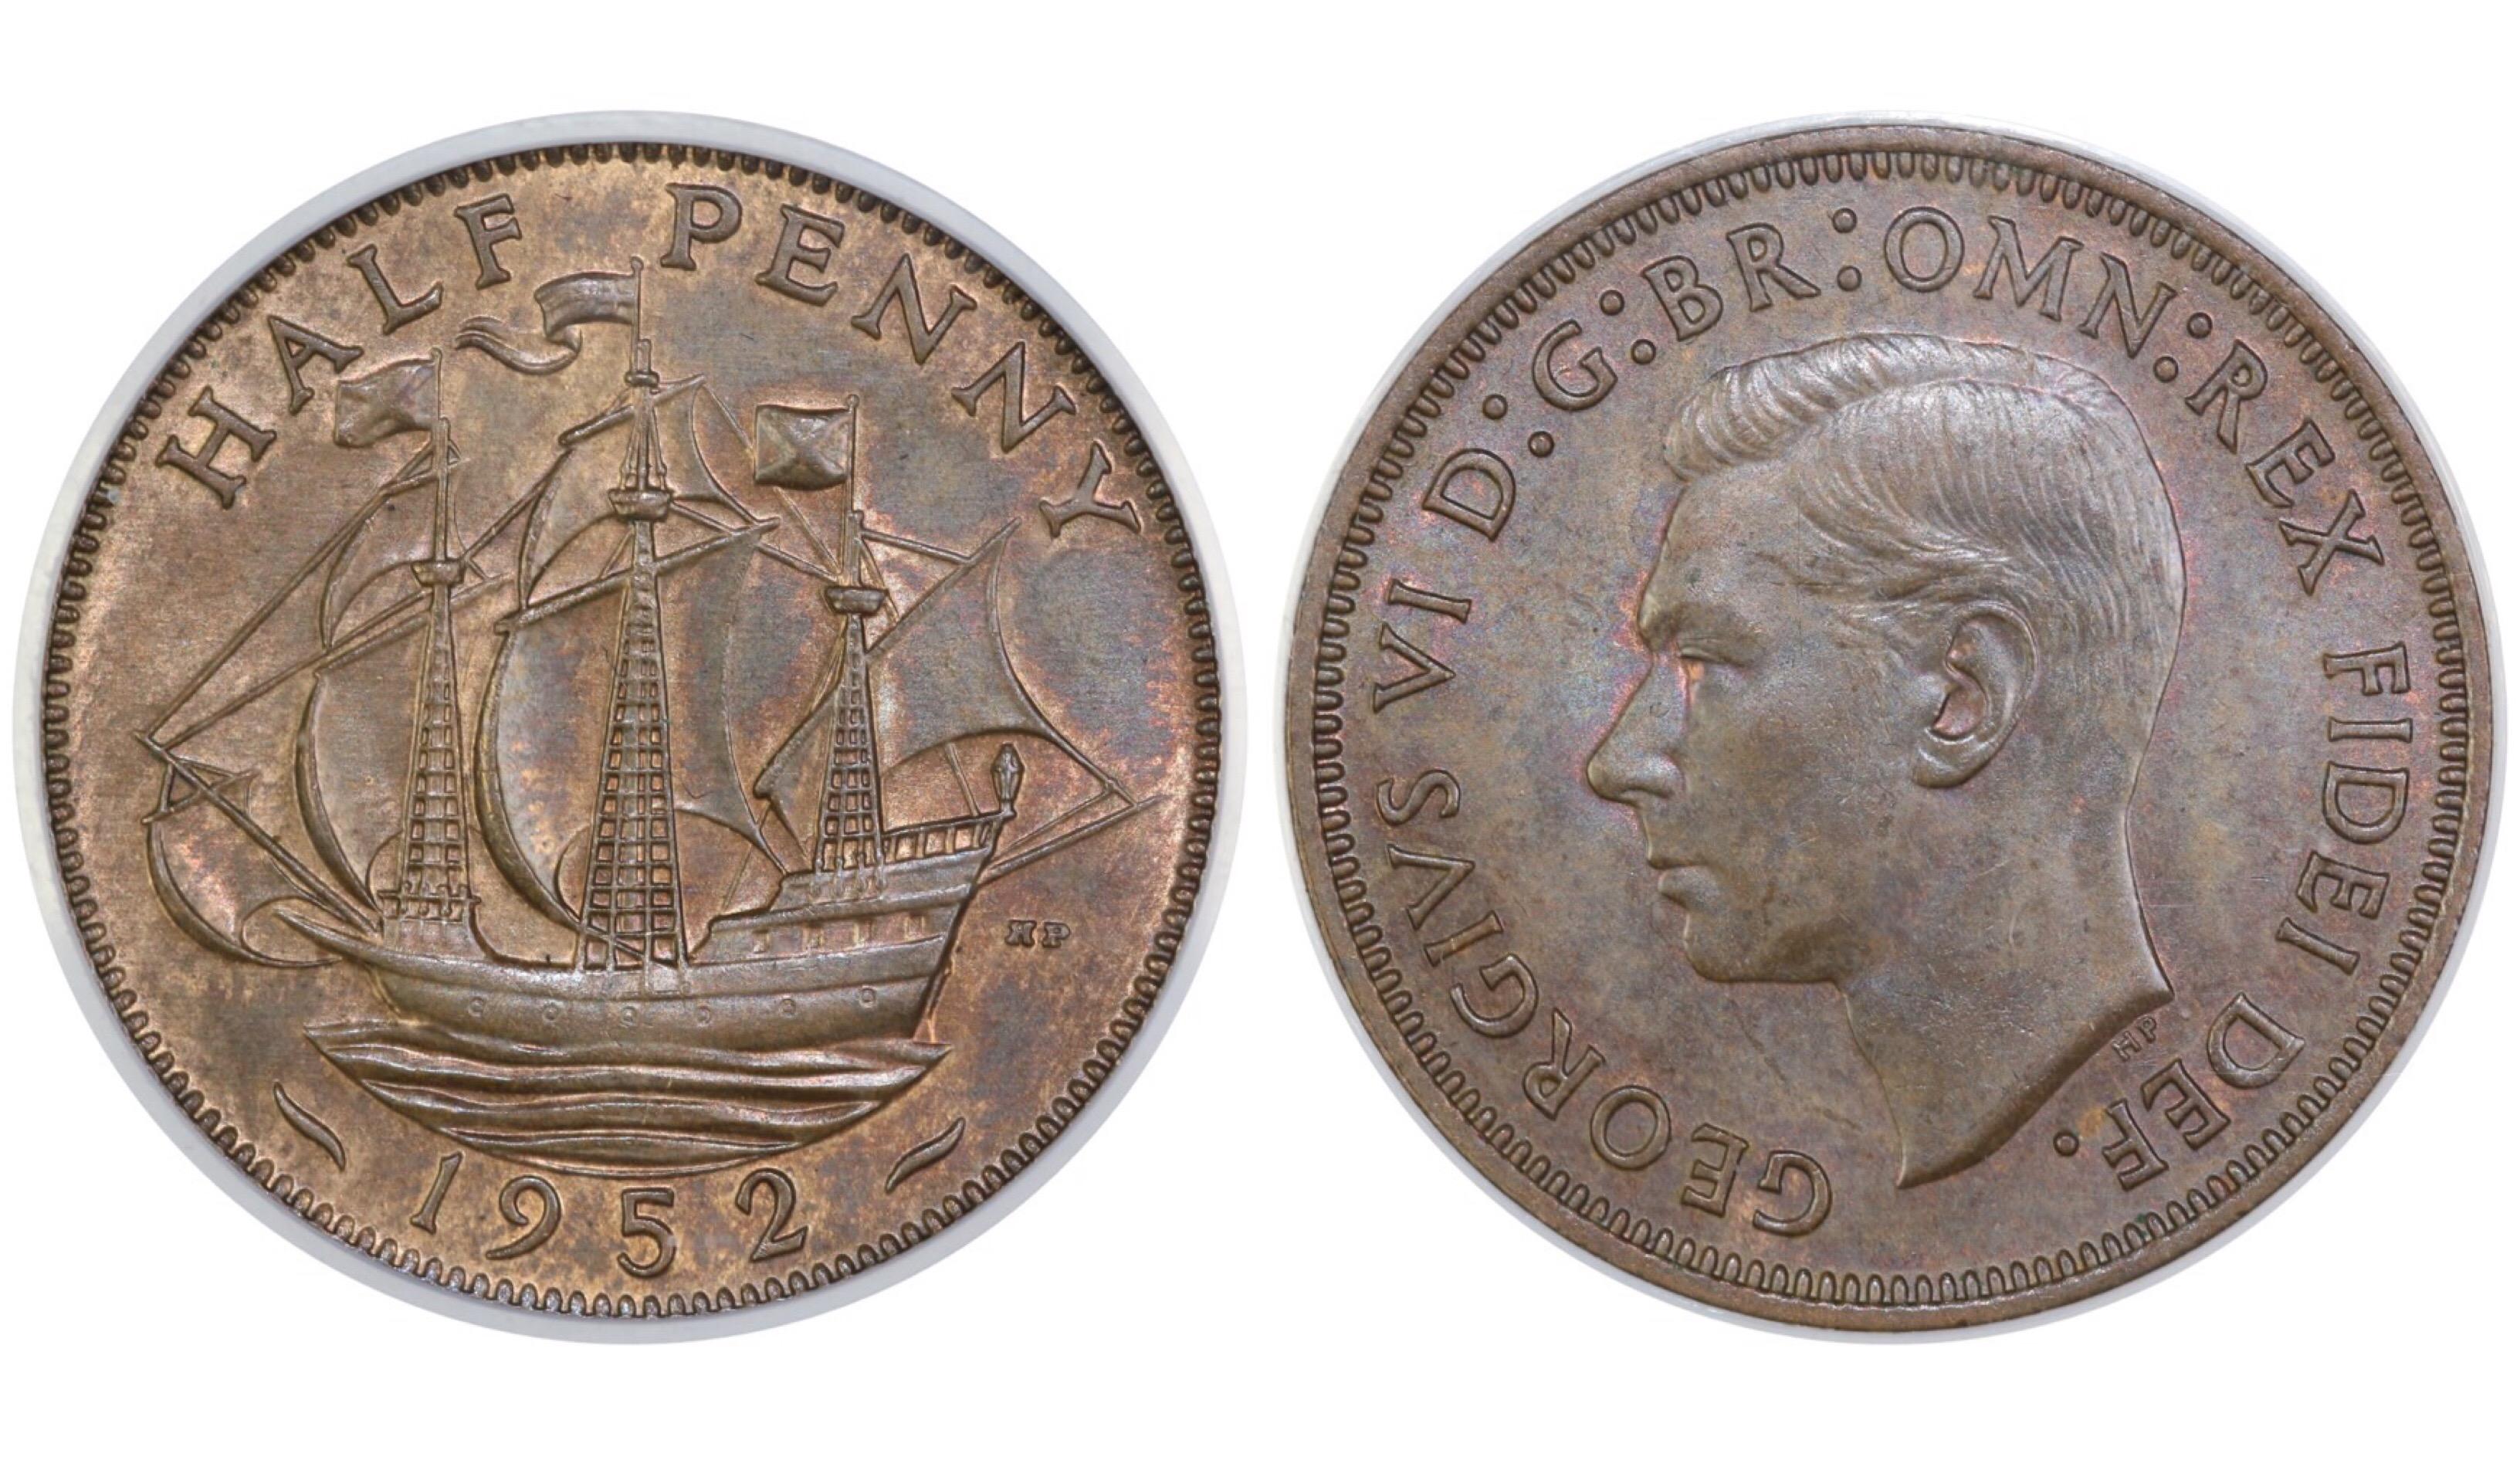 1952 Halfpenny, CGS 78, George VI, Freeman 461, UIN 22198